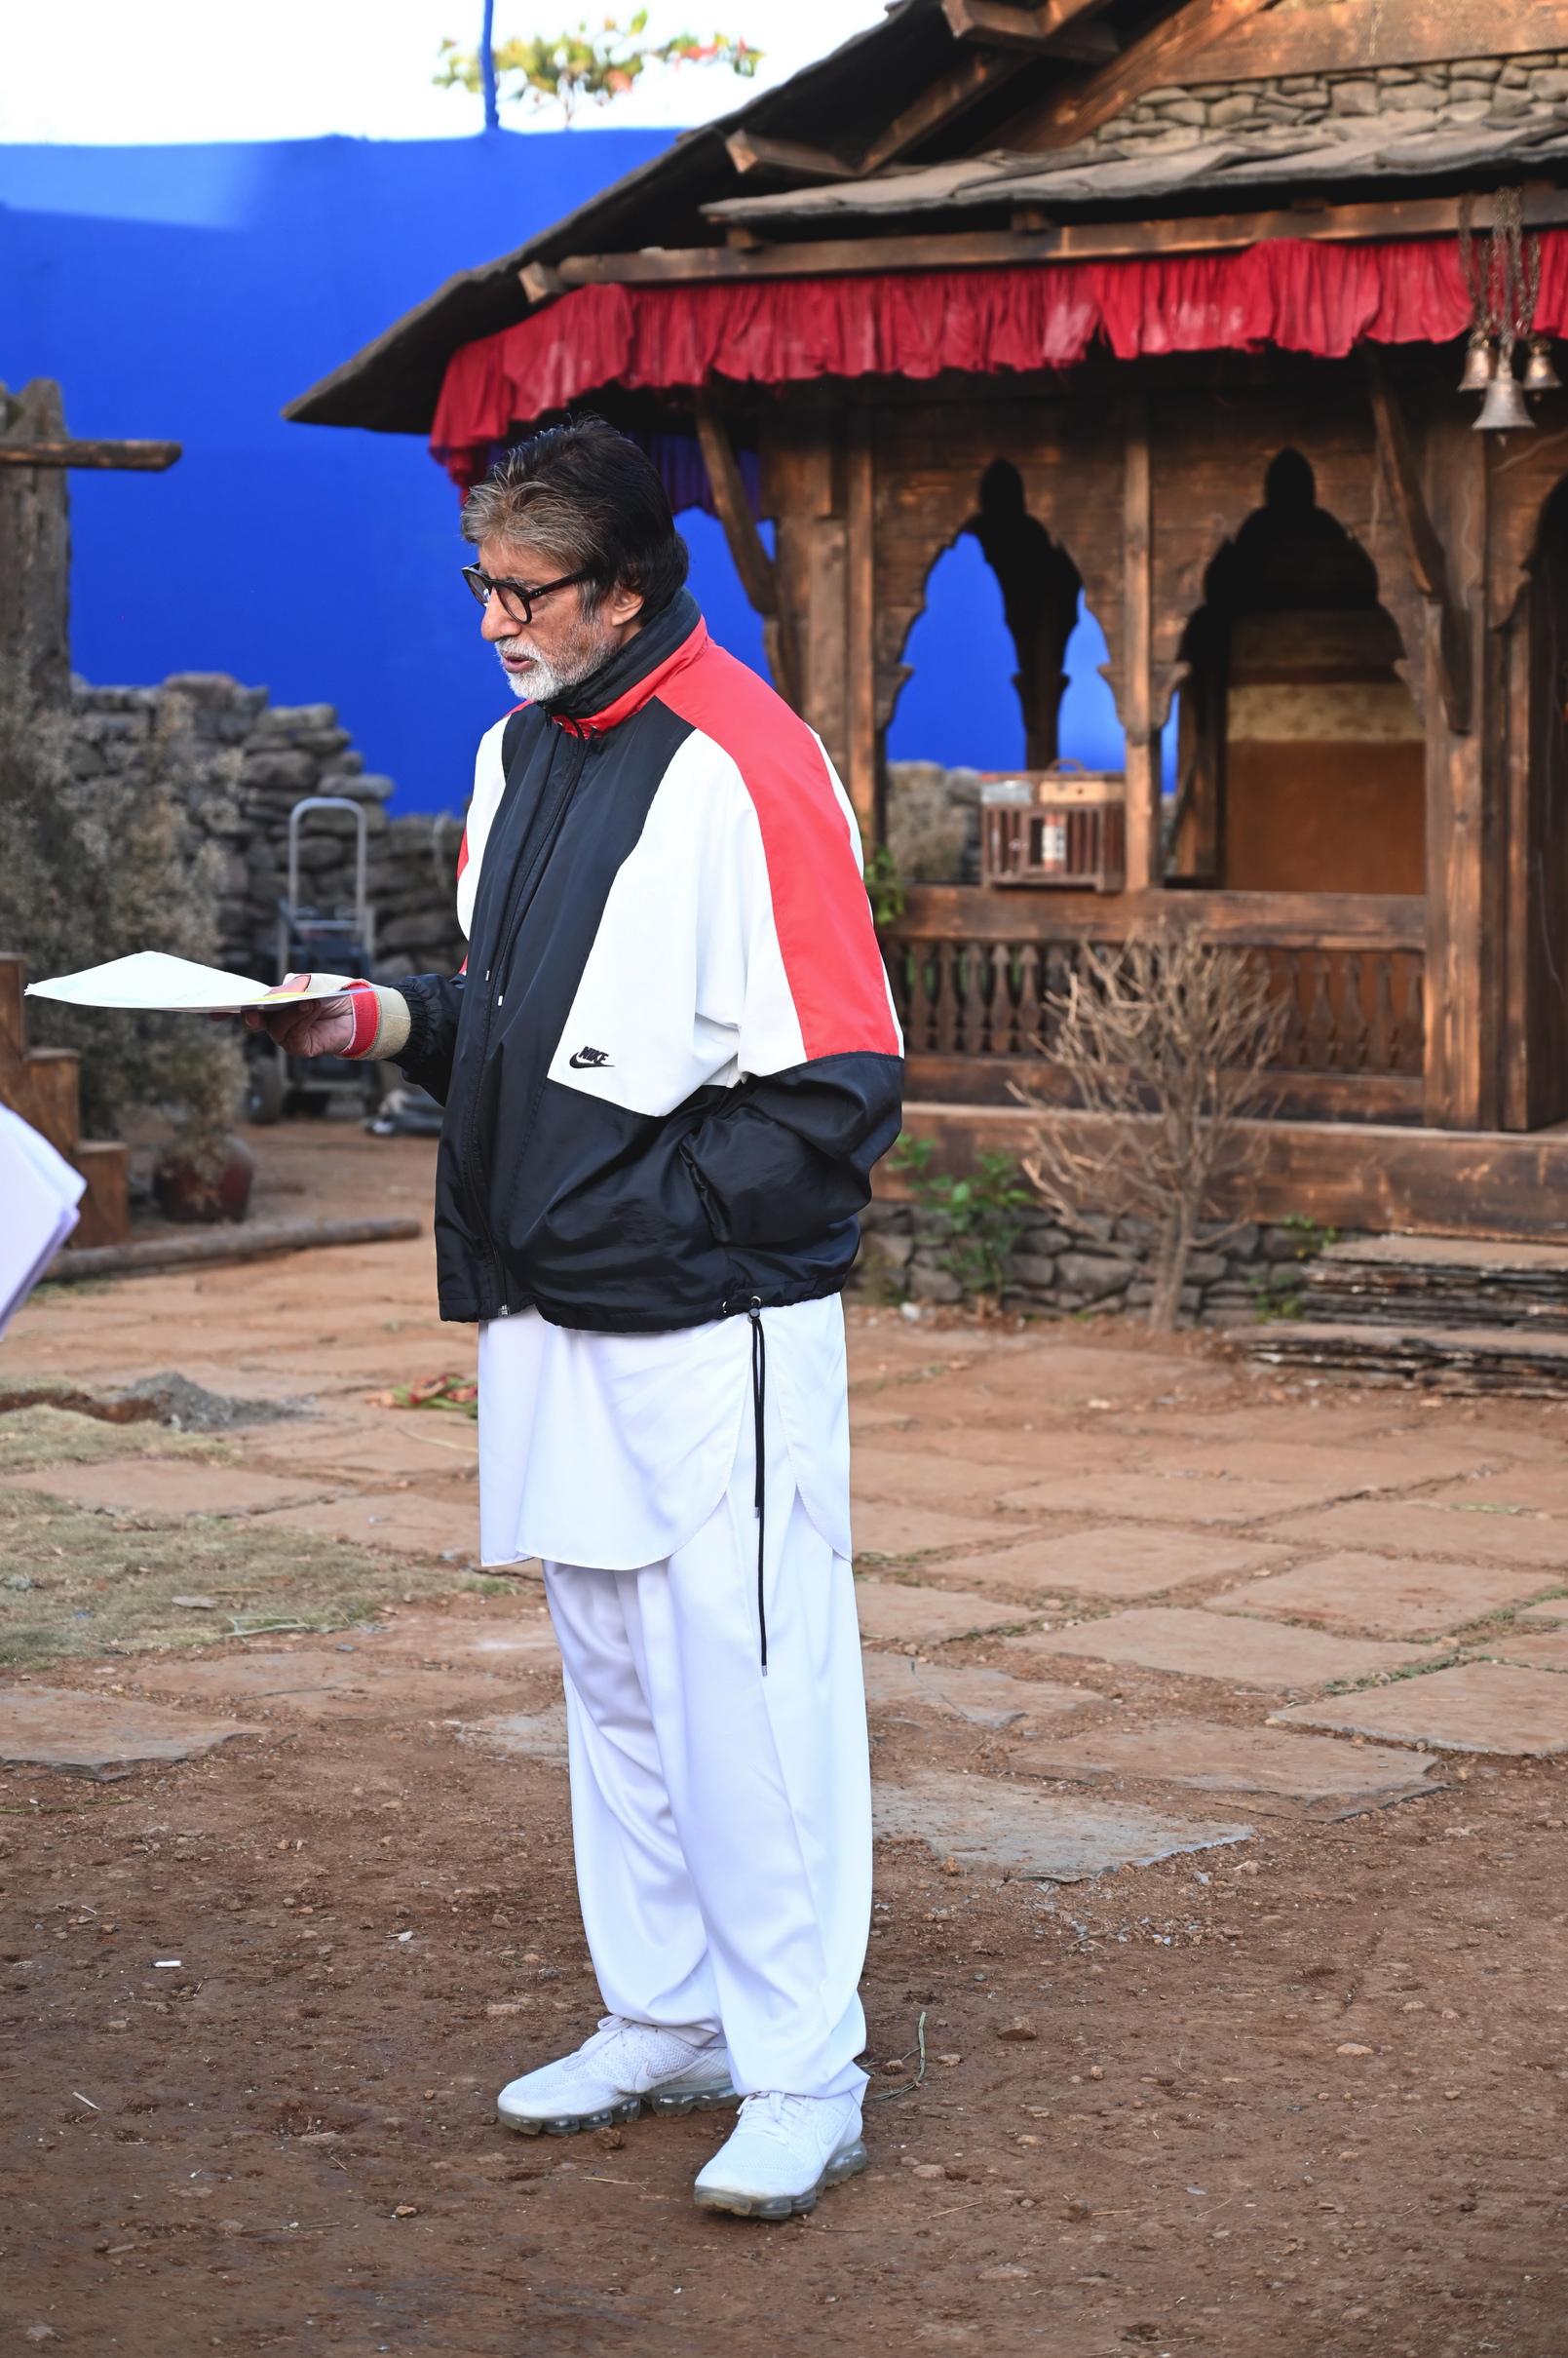 Image Shooting Amitabh Bachchan and Ranbir Kapoor